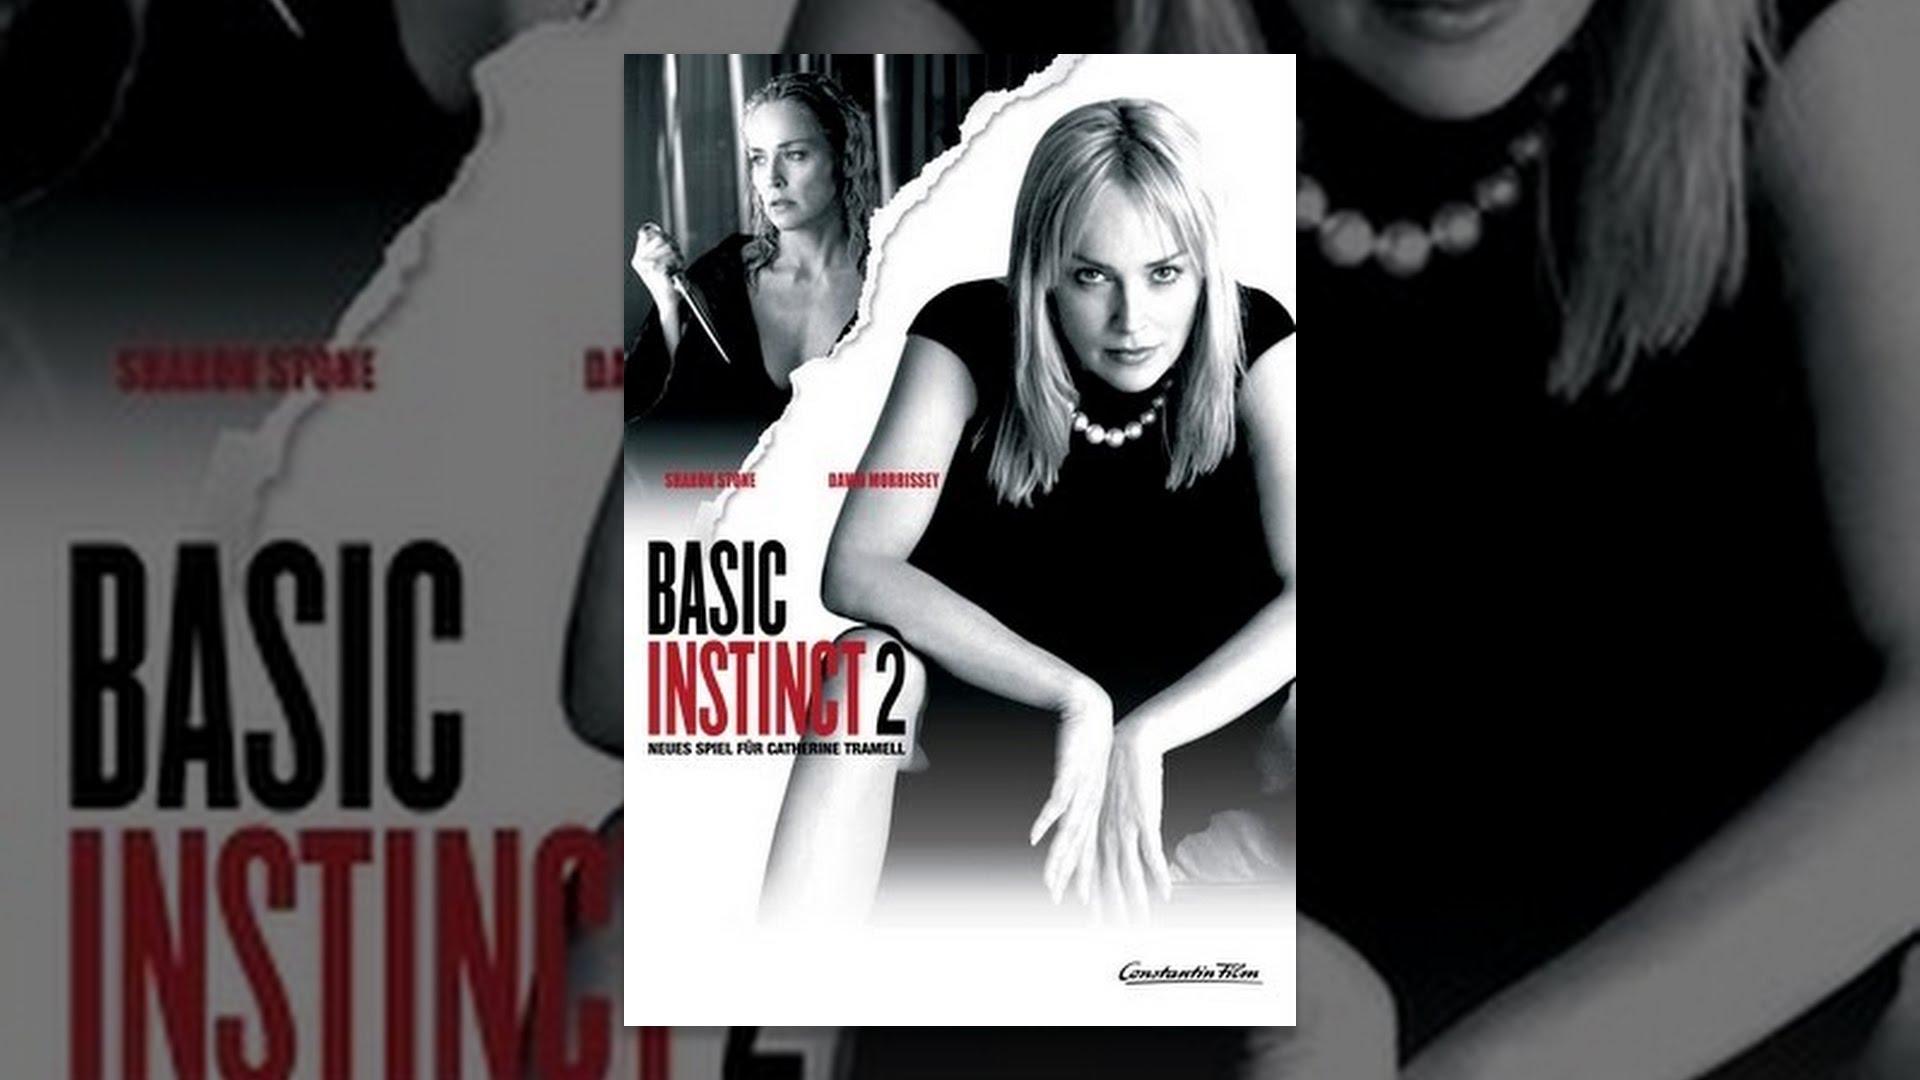 Basic Instinct – Neues Spiel Für Catherine Tramell